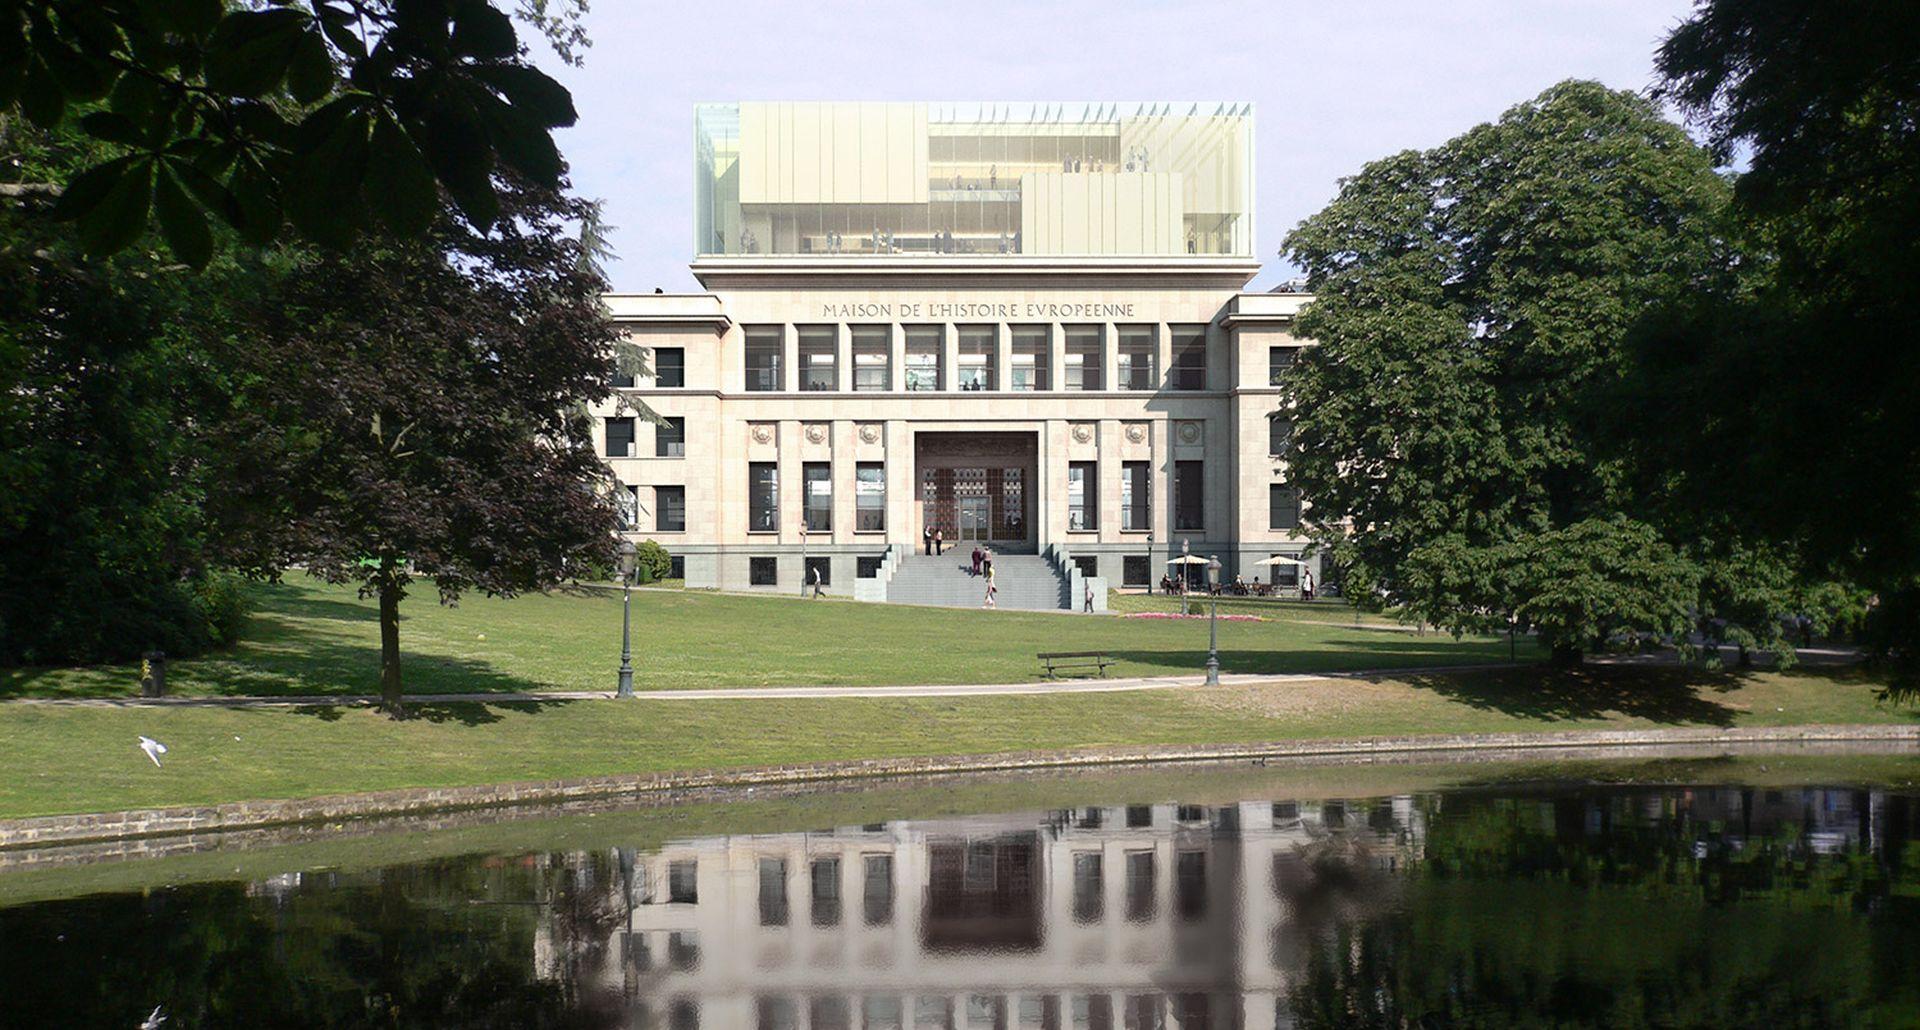 Europa će 2016. dobiti muzej zajedničke povijesti